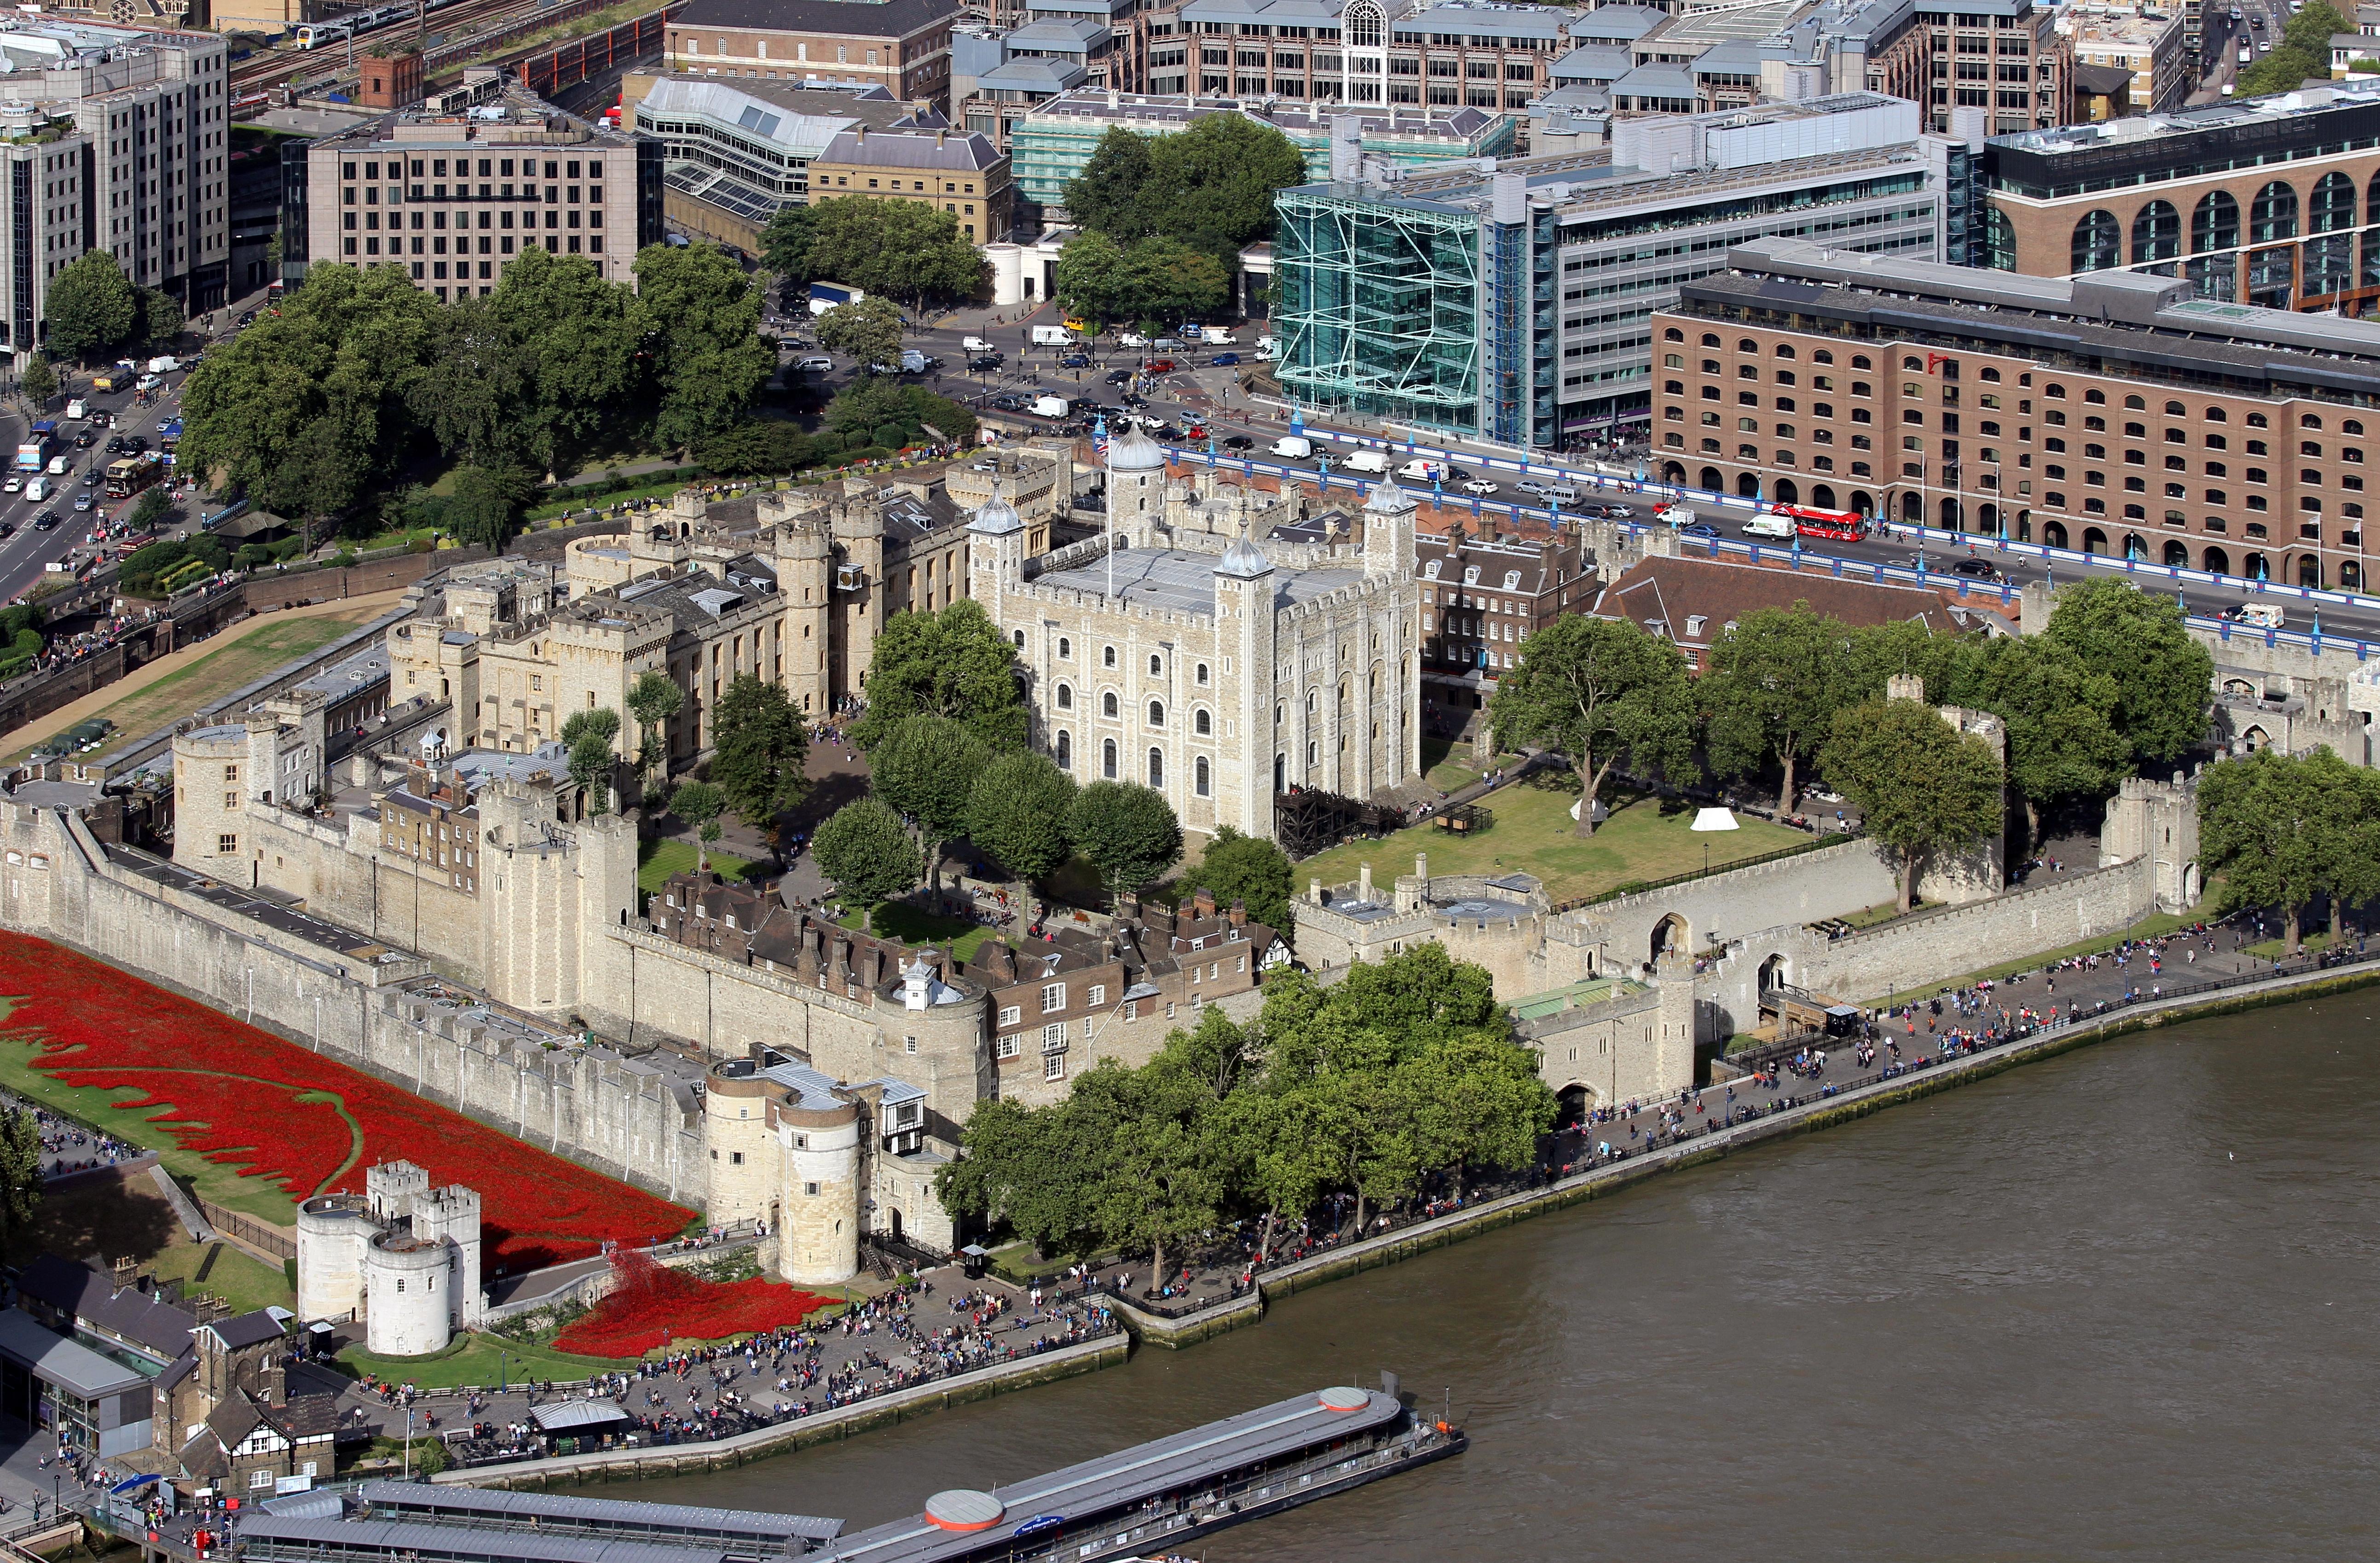 Depiction of Torre de Londres